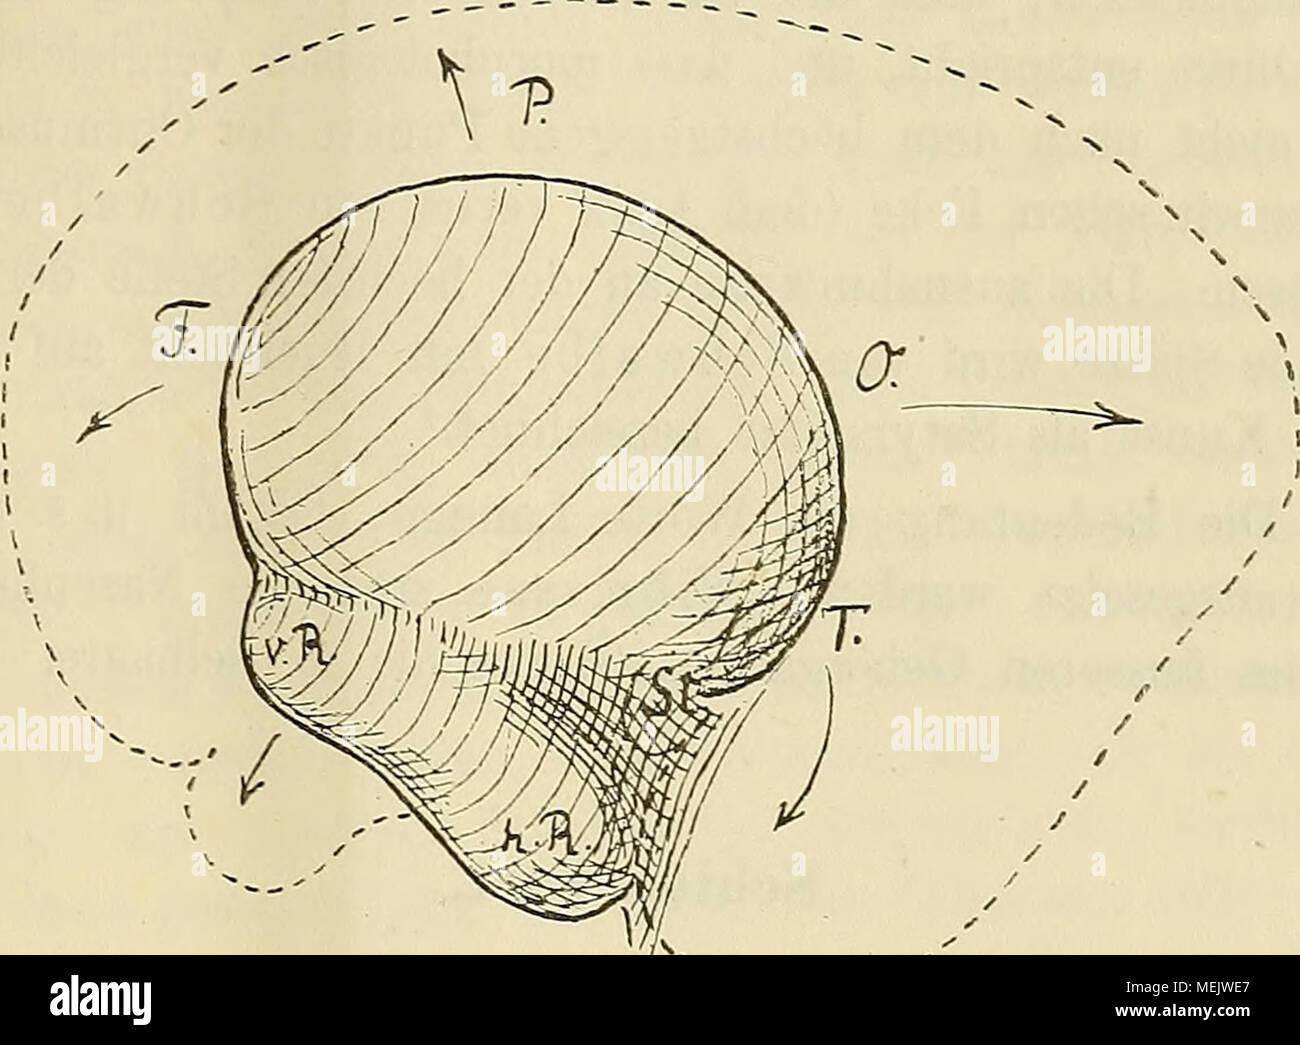 Wunderbar Die Anatomie Ort Ideen - Anatomie Ideen - finotti.info